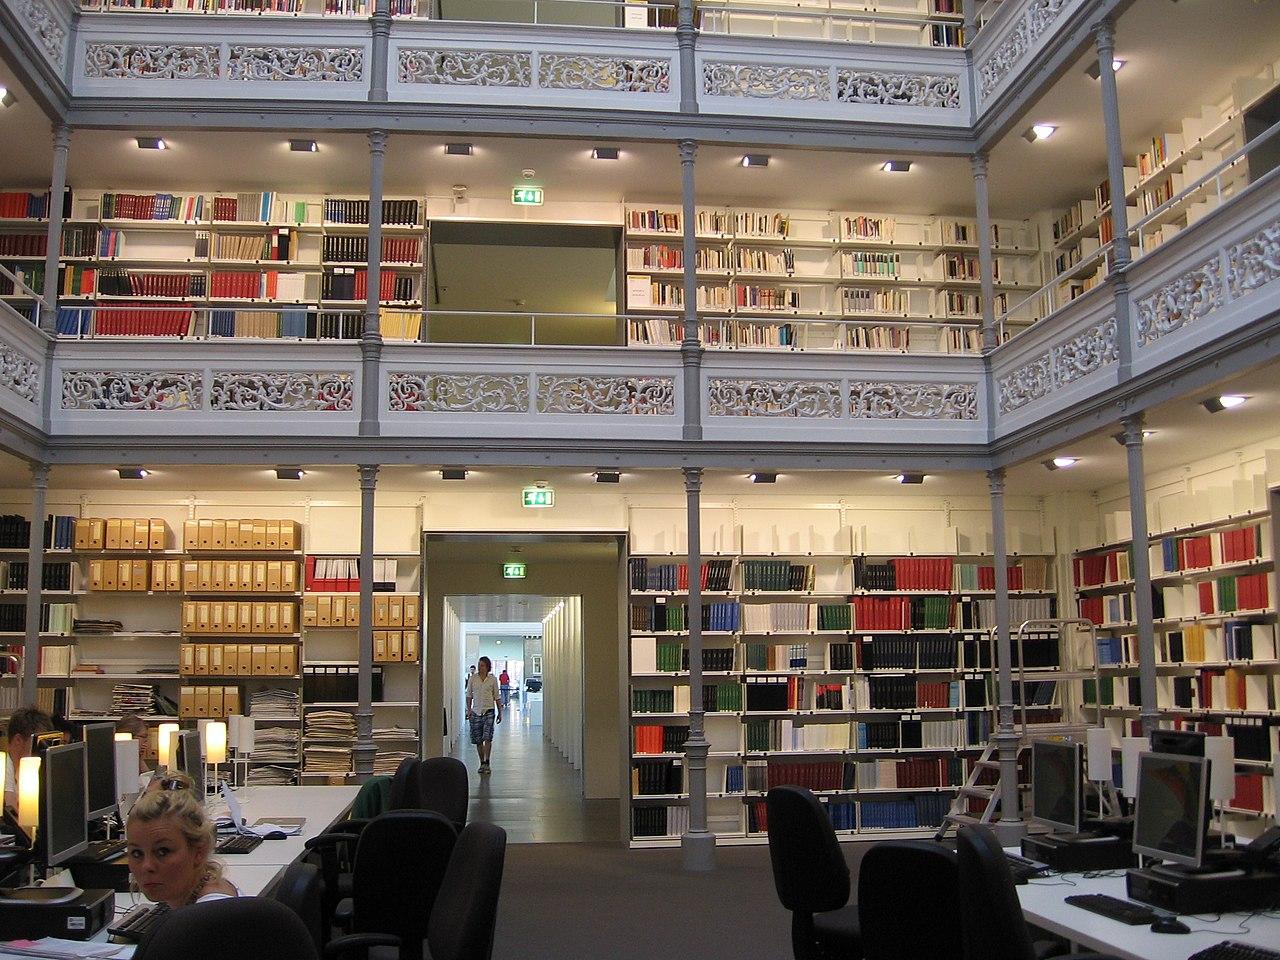 Universiteitsbibliotheek binnenstad universiteit utrecht review ebooks - Geintegreerde bibliotheek ...